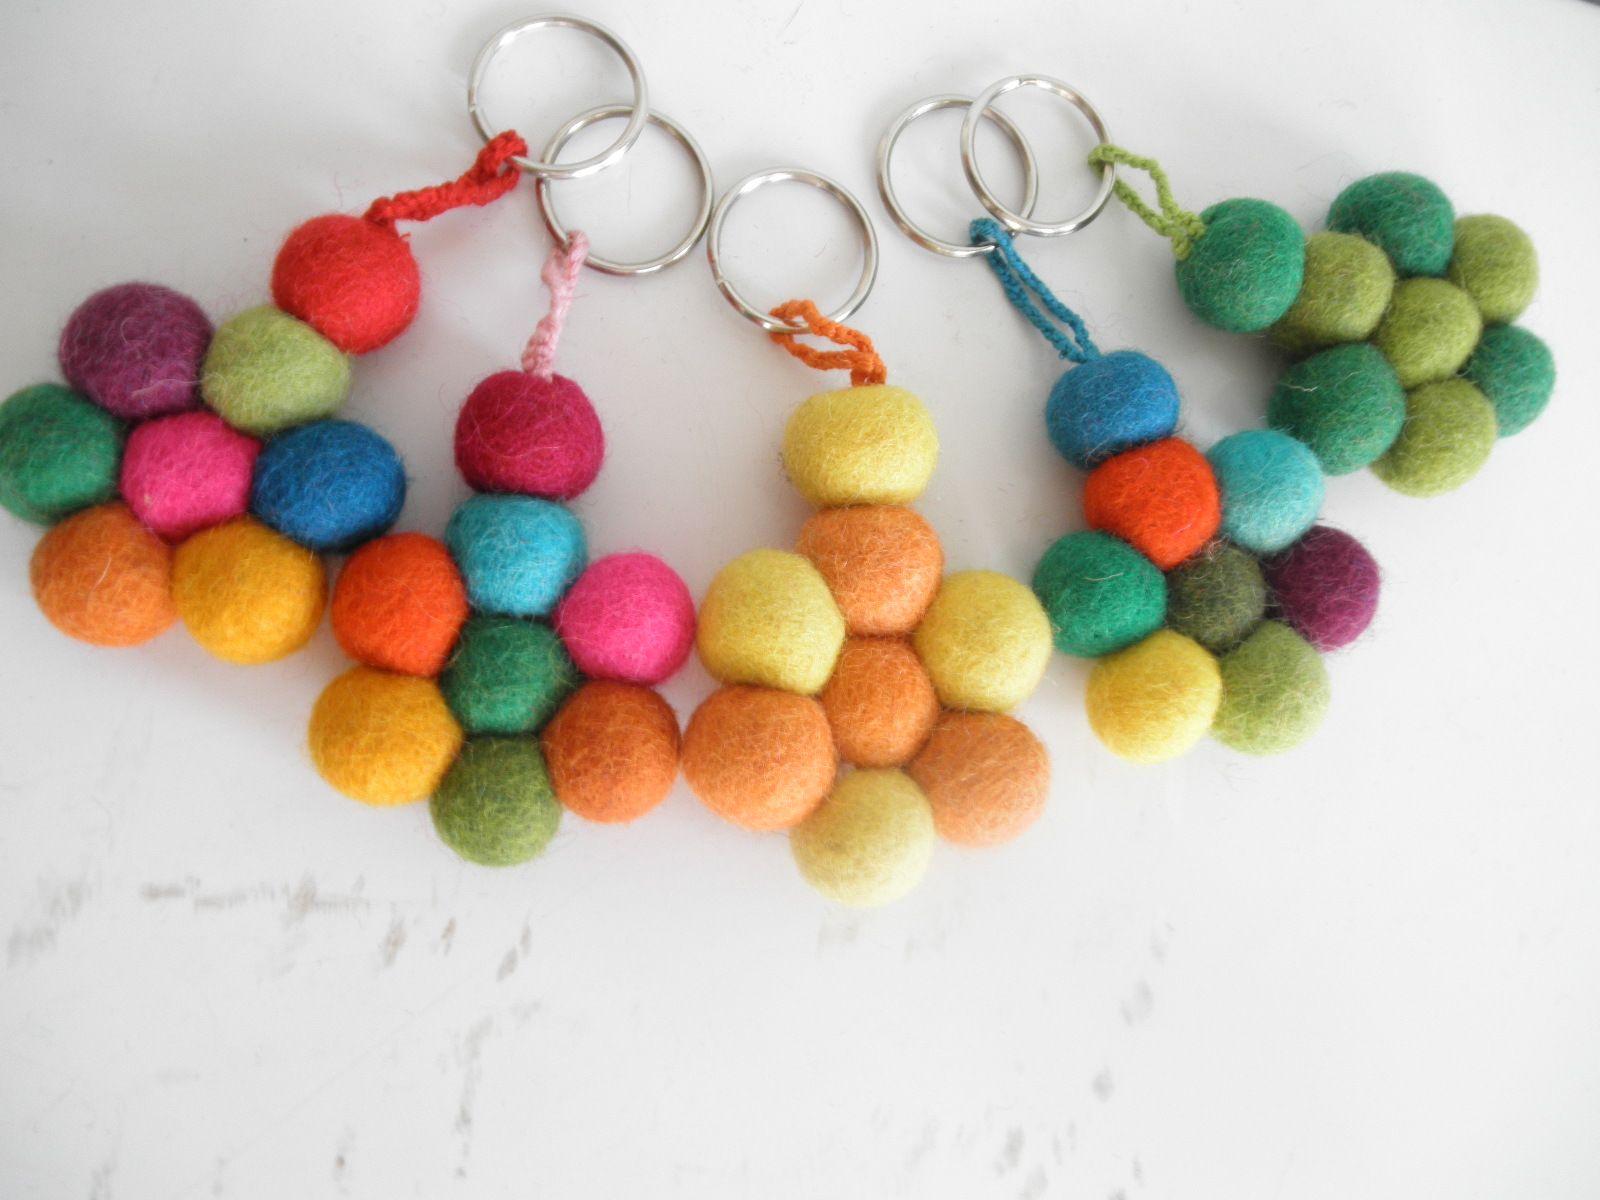 Kids Craft Supplies Wholesale Part - 48: Felt Wool Felt Handmade Craft Handicraft Felt Craft Patterns Felt Craft  Ideas Felt Craft For Kids